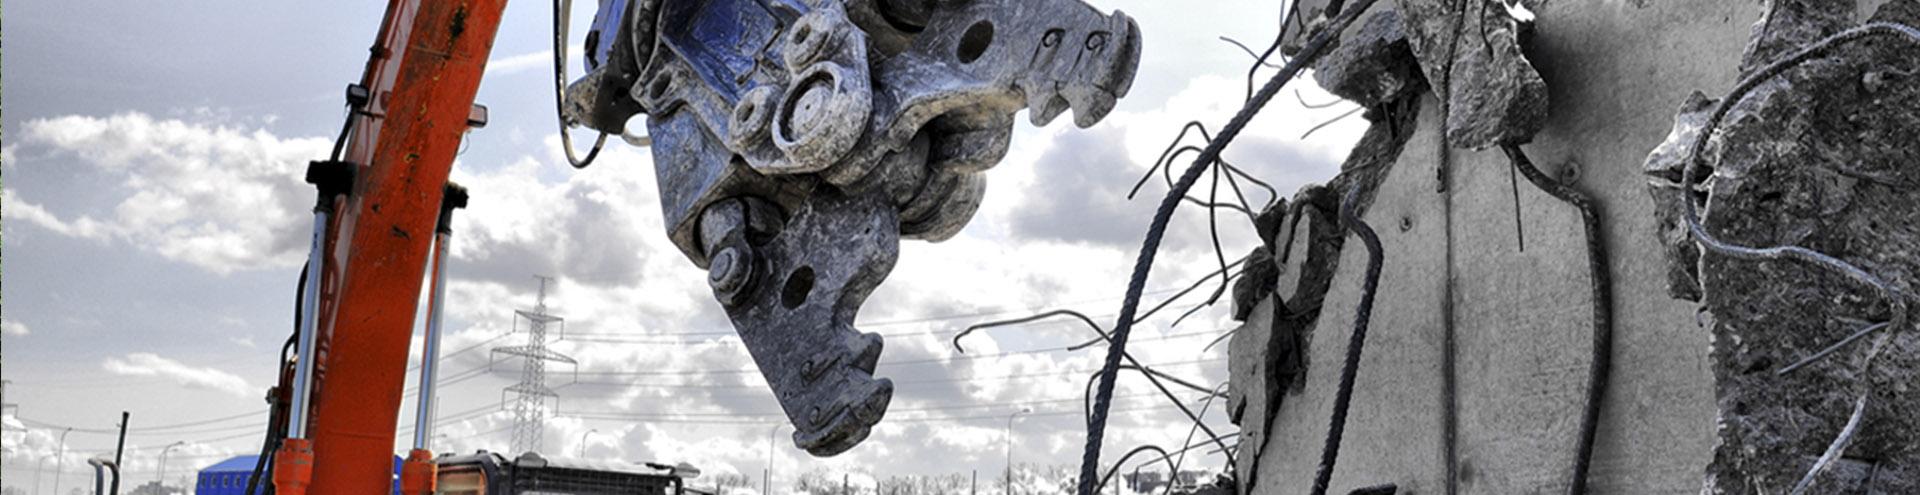 право на самовольную постройку в Ижевске